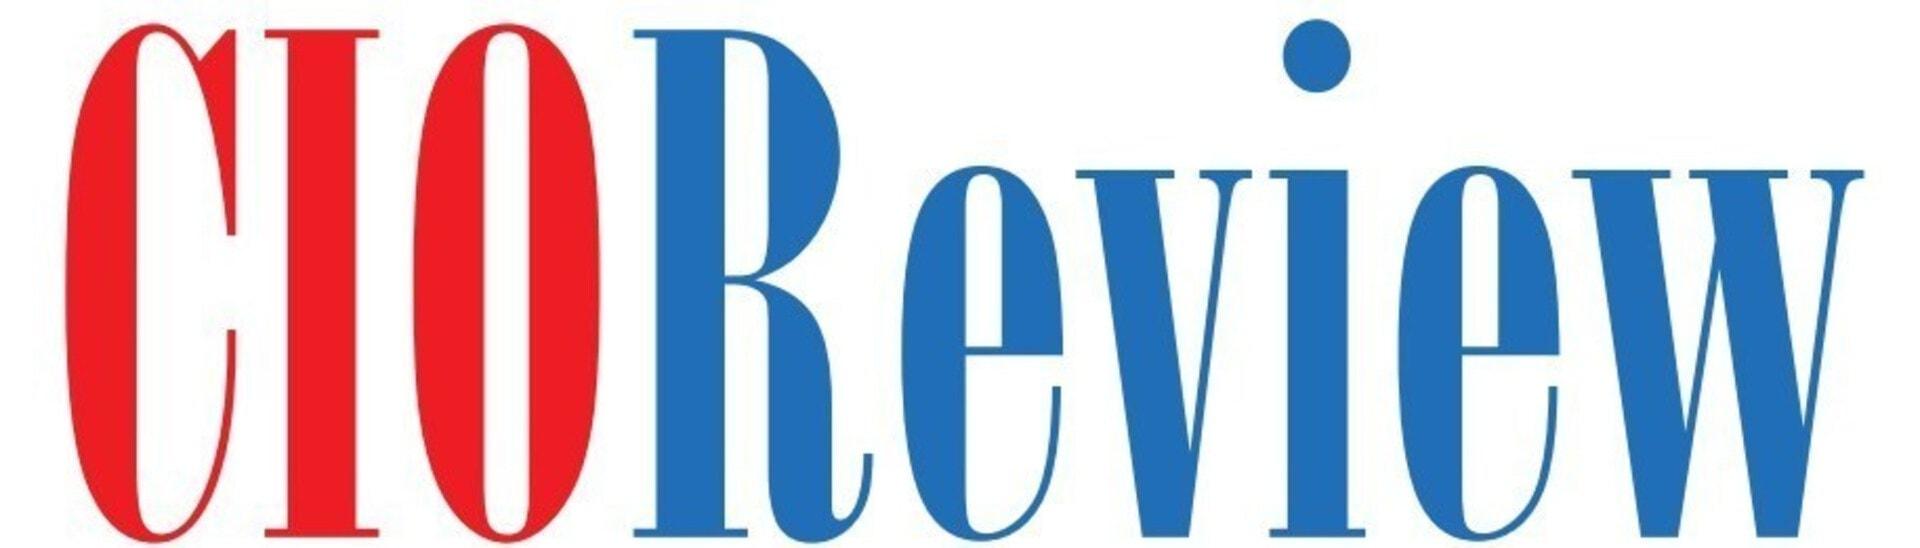 CIO Review magazine logo